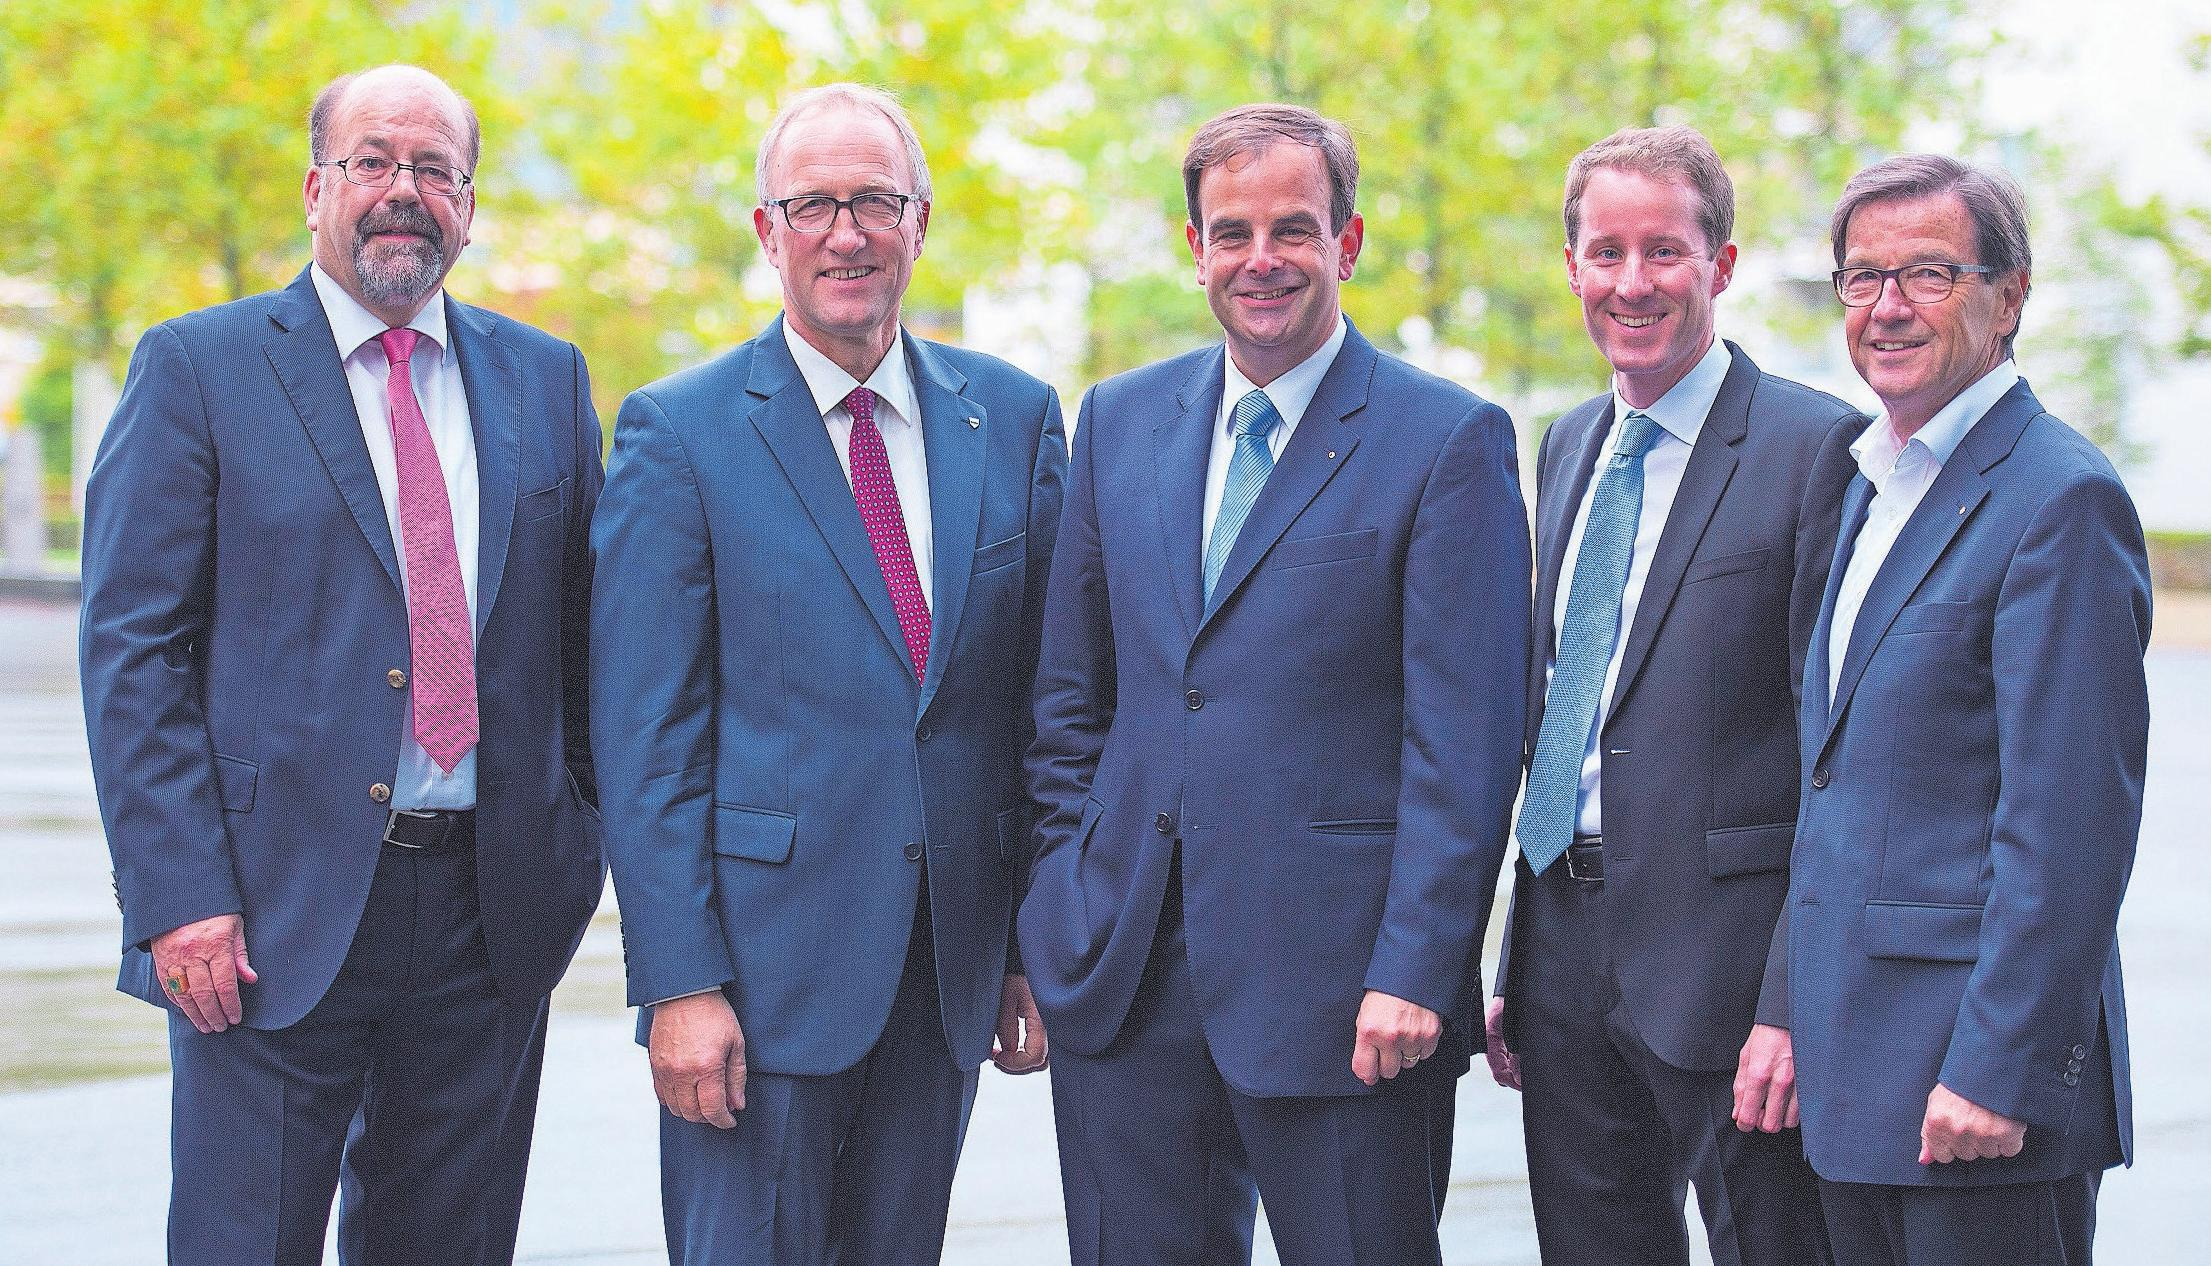 Joachim Eder (links) muss als Ständerat ersetzt werden, Bruno Pezzatti (rechts) als Nationalrat. Erneut kandidieren Peter Hegglin (Zweiter von links), Gerhard Pfister (Dritter von links) und Thomas Aeschi (Zweiter von rechts). Bild: Maria Schmid (Zug, 18. Oktober 2015)